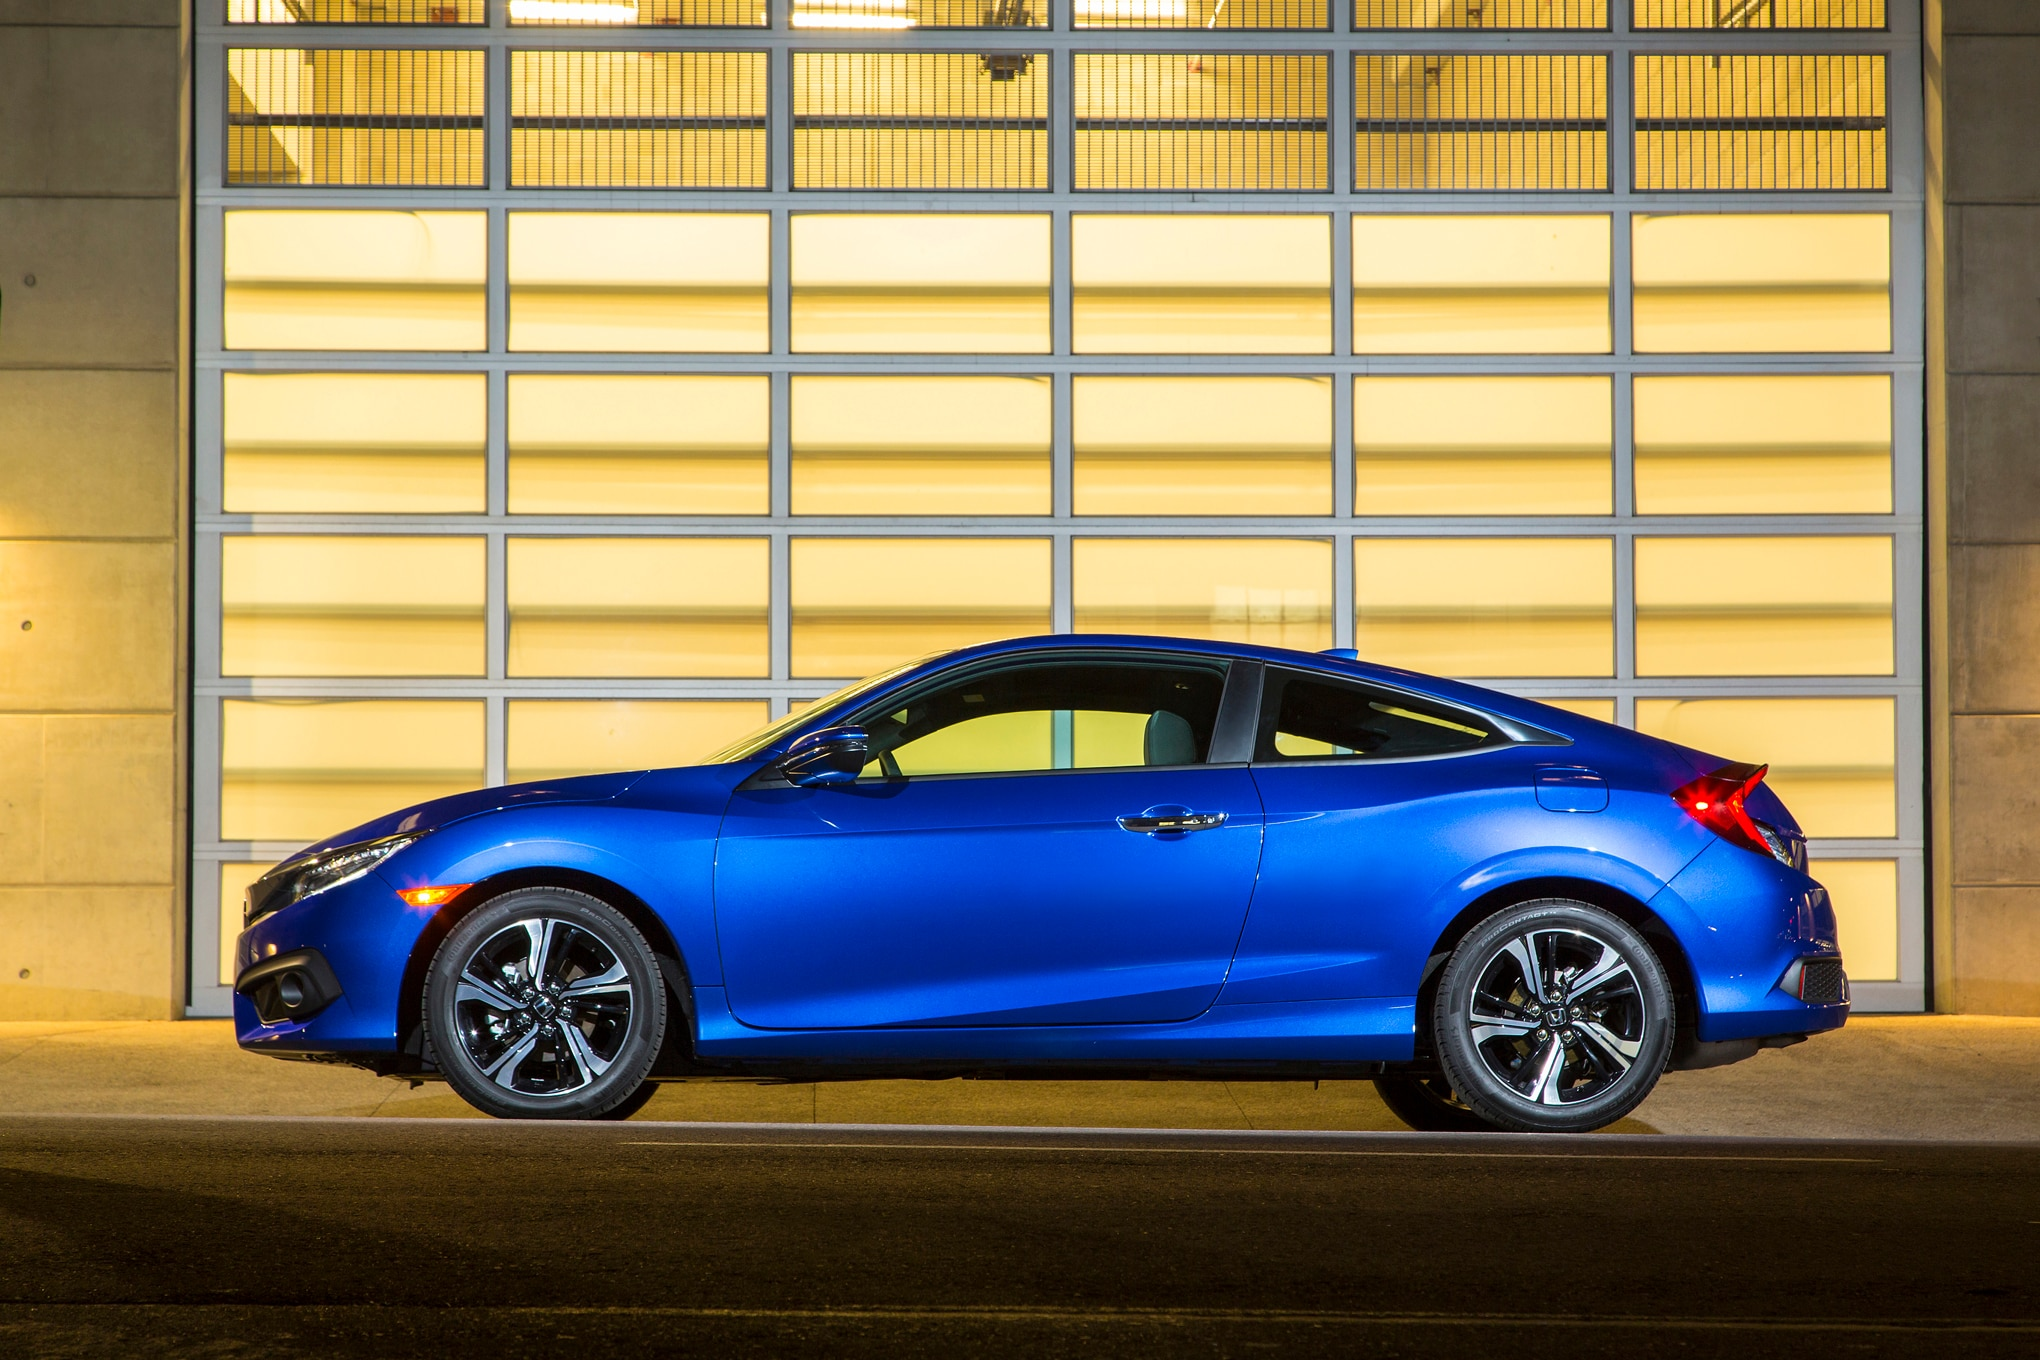 Honda Civic Ex-L >> 2016 Honda Civic Coupe Pricing Detailed, Starts at $19,885 ...